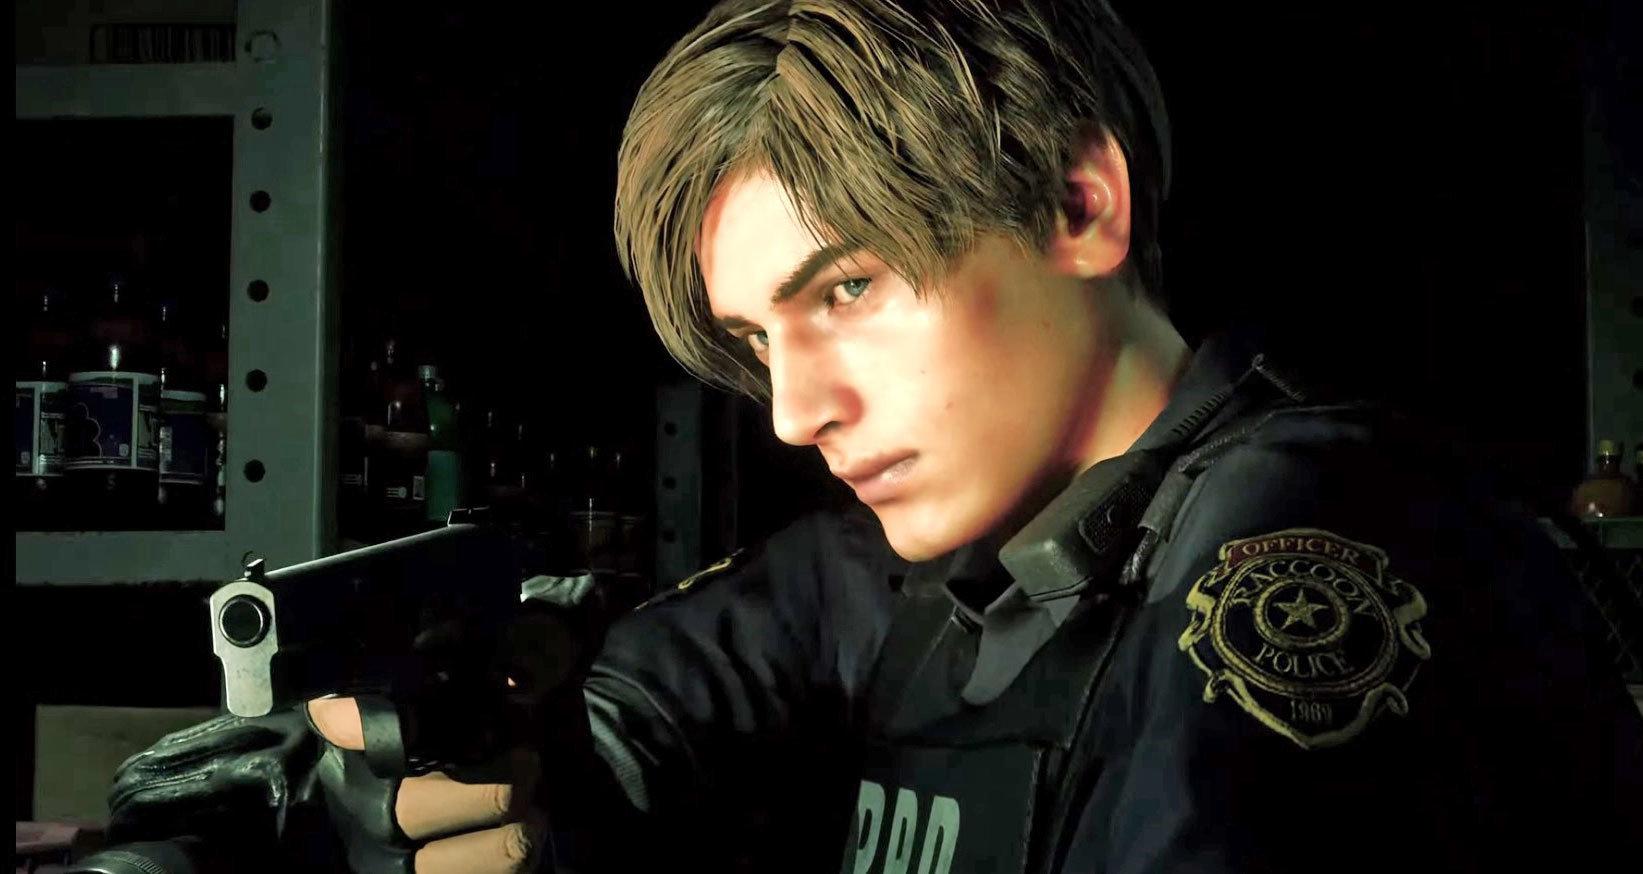 #游话说# 你有试过受游戏角色启发去剪头发吗,效果如何?